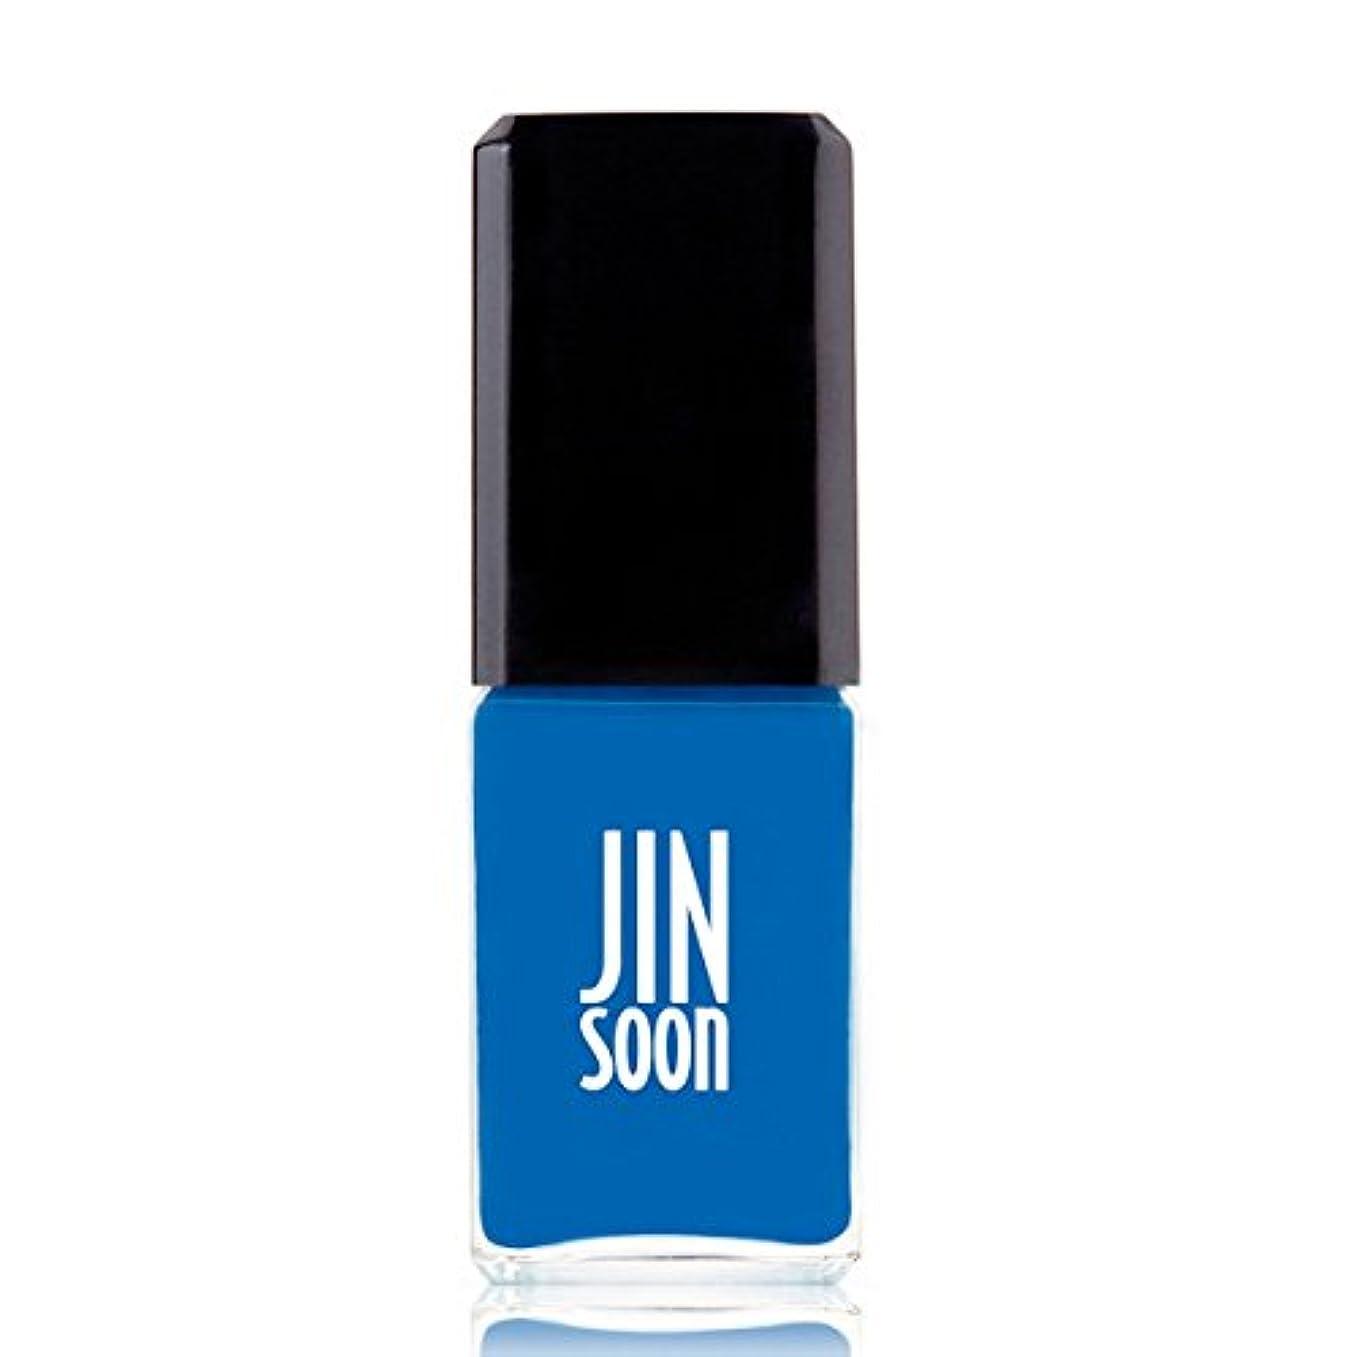 決定する保守可能再編成する[ジンスーン] [ jinsoon] クールブルー (セルリアンブルー)COOL BLUE ジンスーン 5フリー ネイルポリッシュ【ブルー】 11mL